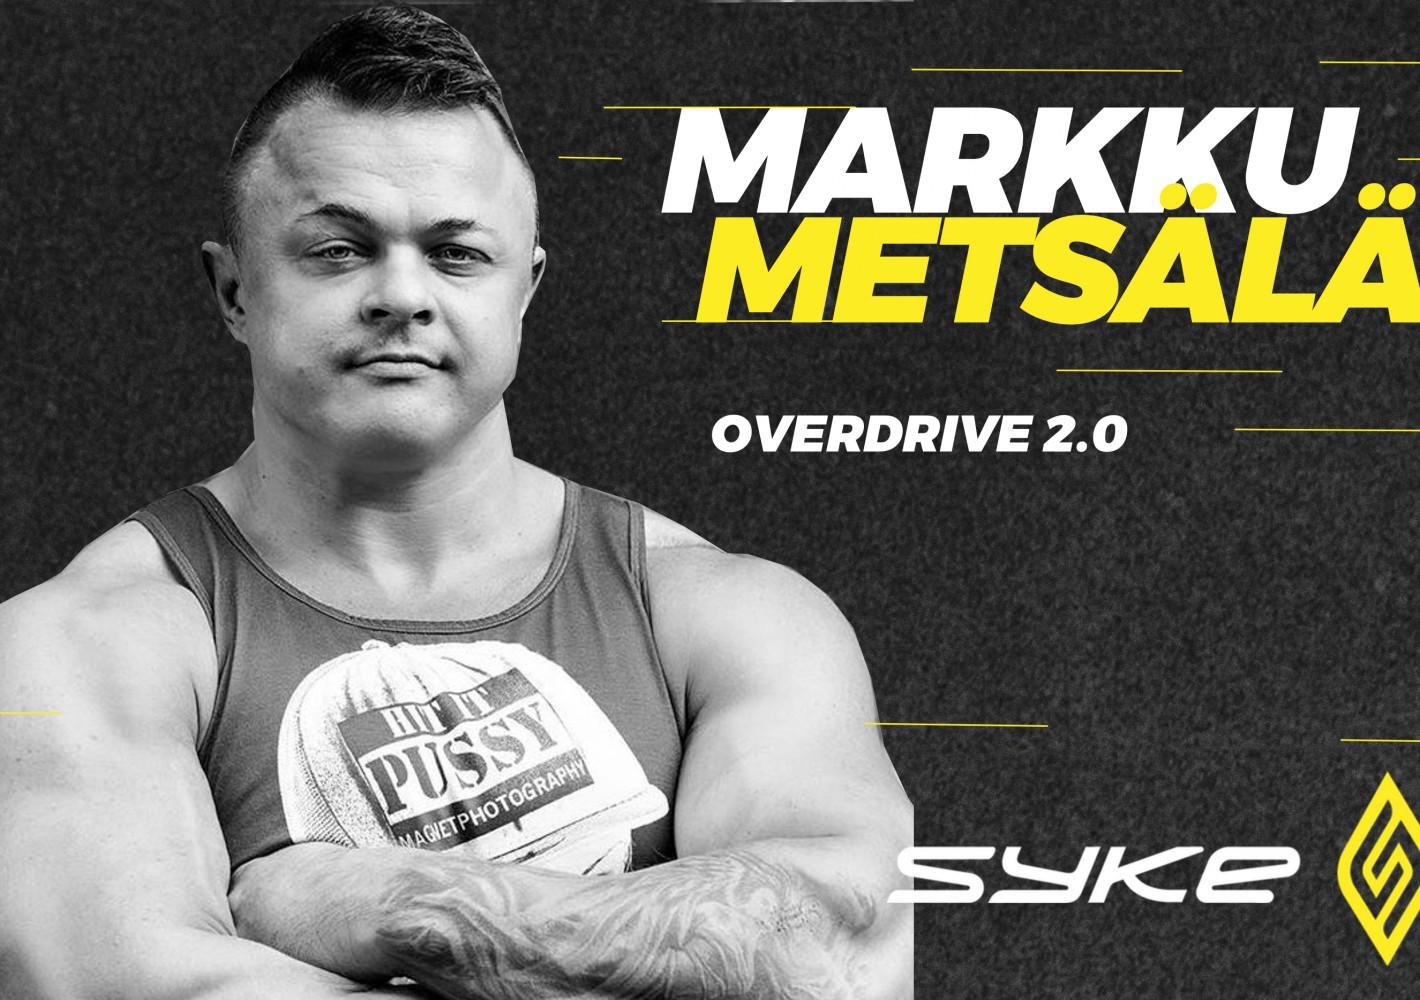 Overdrive 2.0 by Markku Metsälä